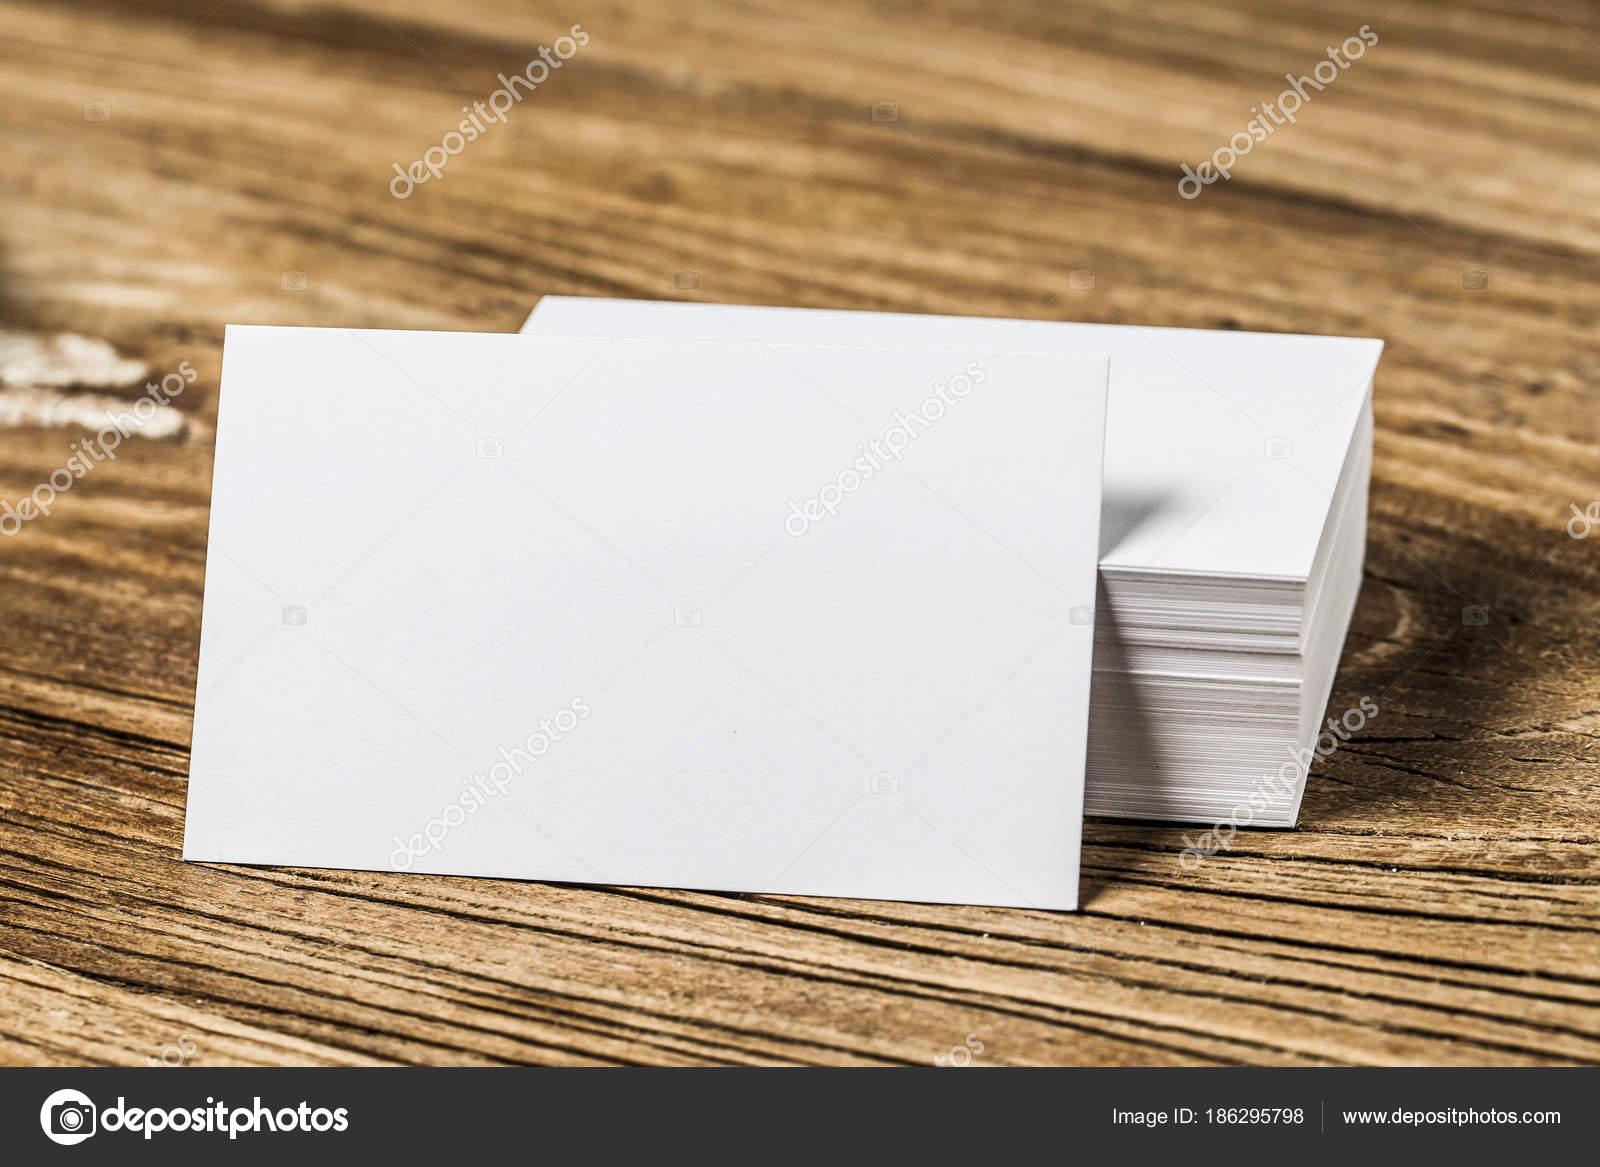 Visitenkarte Auf Holz Stockfoto Dashu83 186295798